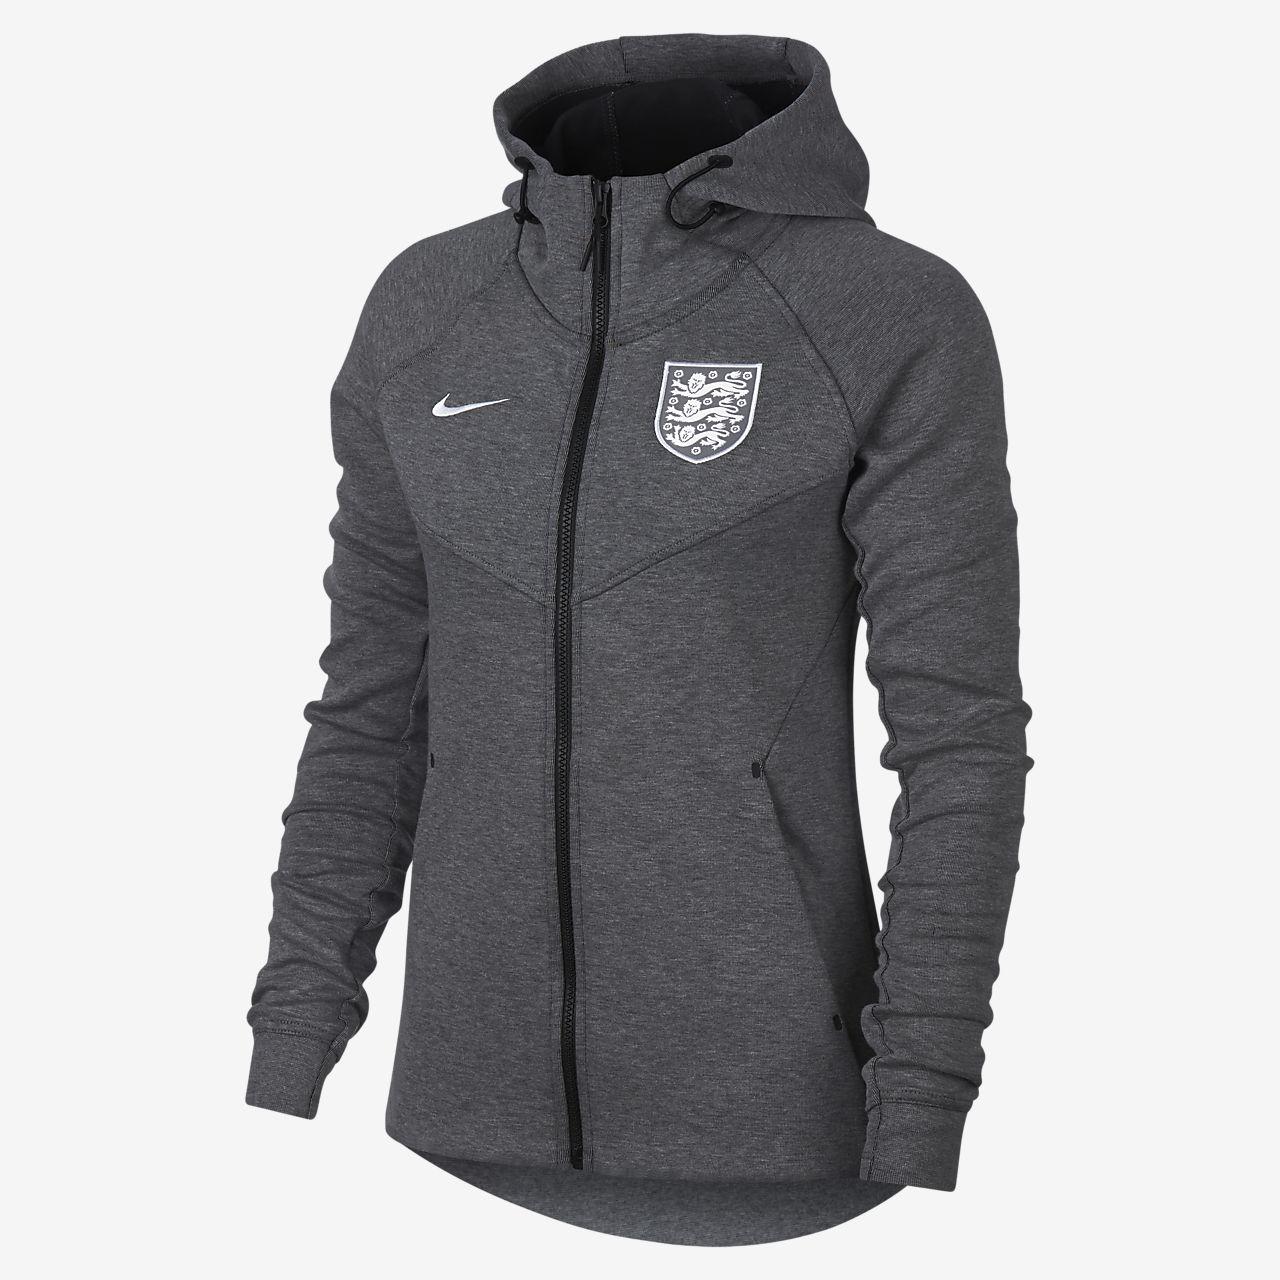 Nike Advanced Knit Felpa con cappuccio e zip nera 943325 010